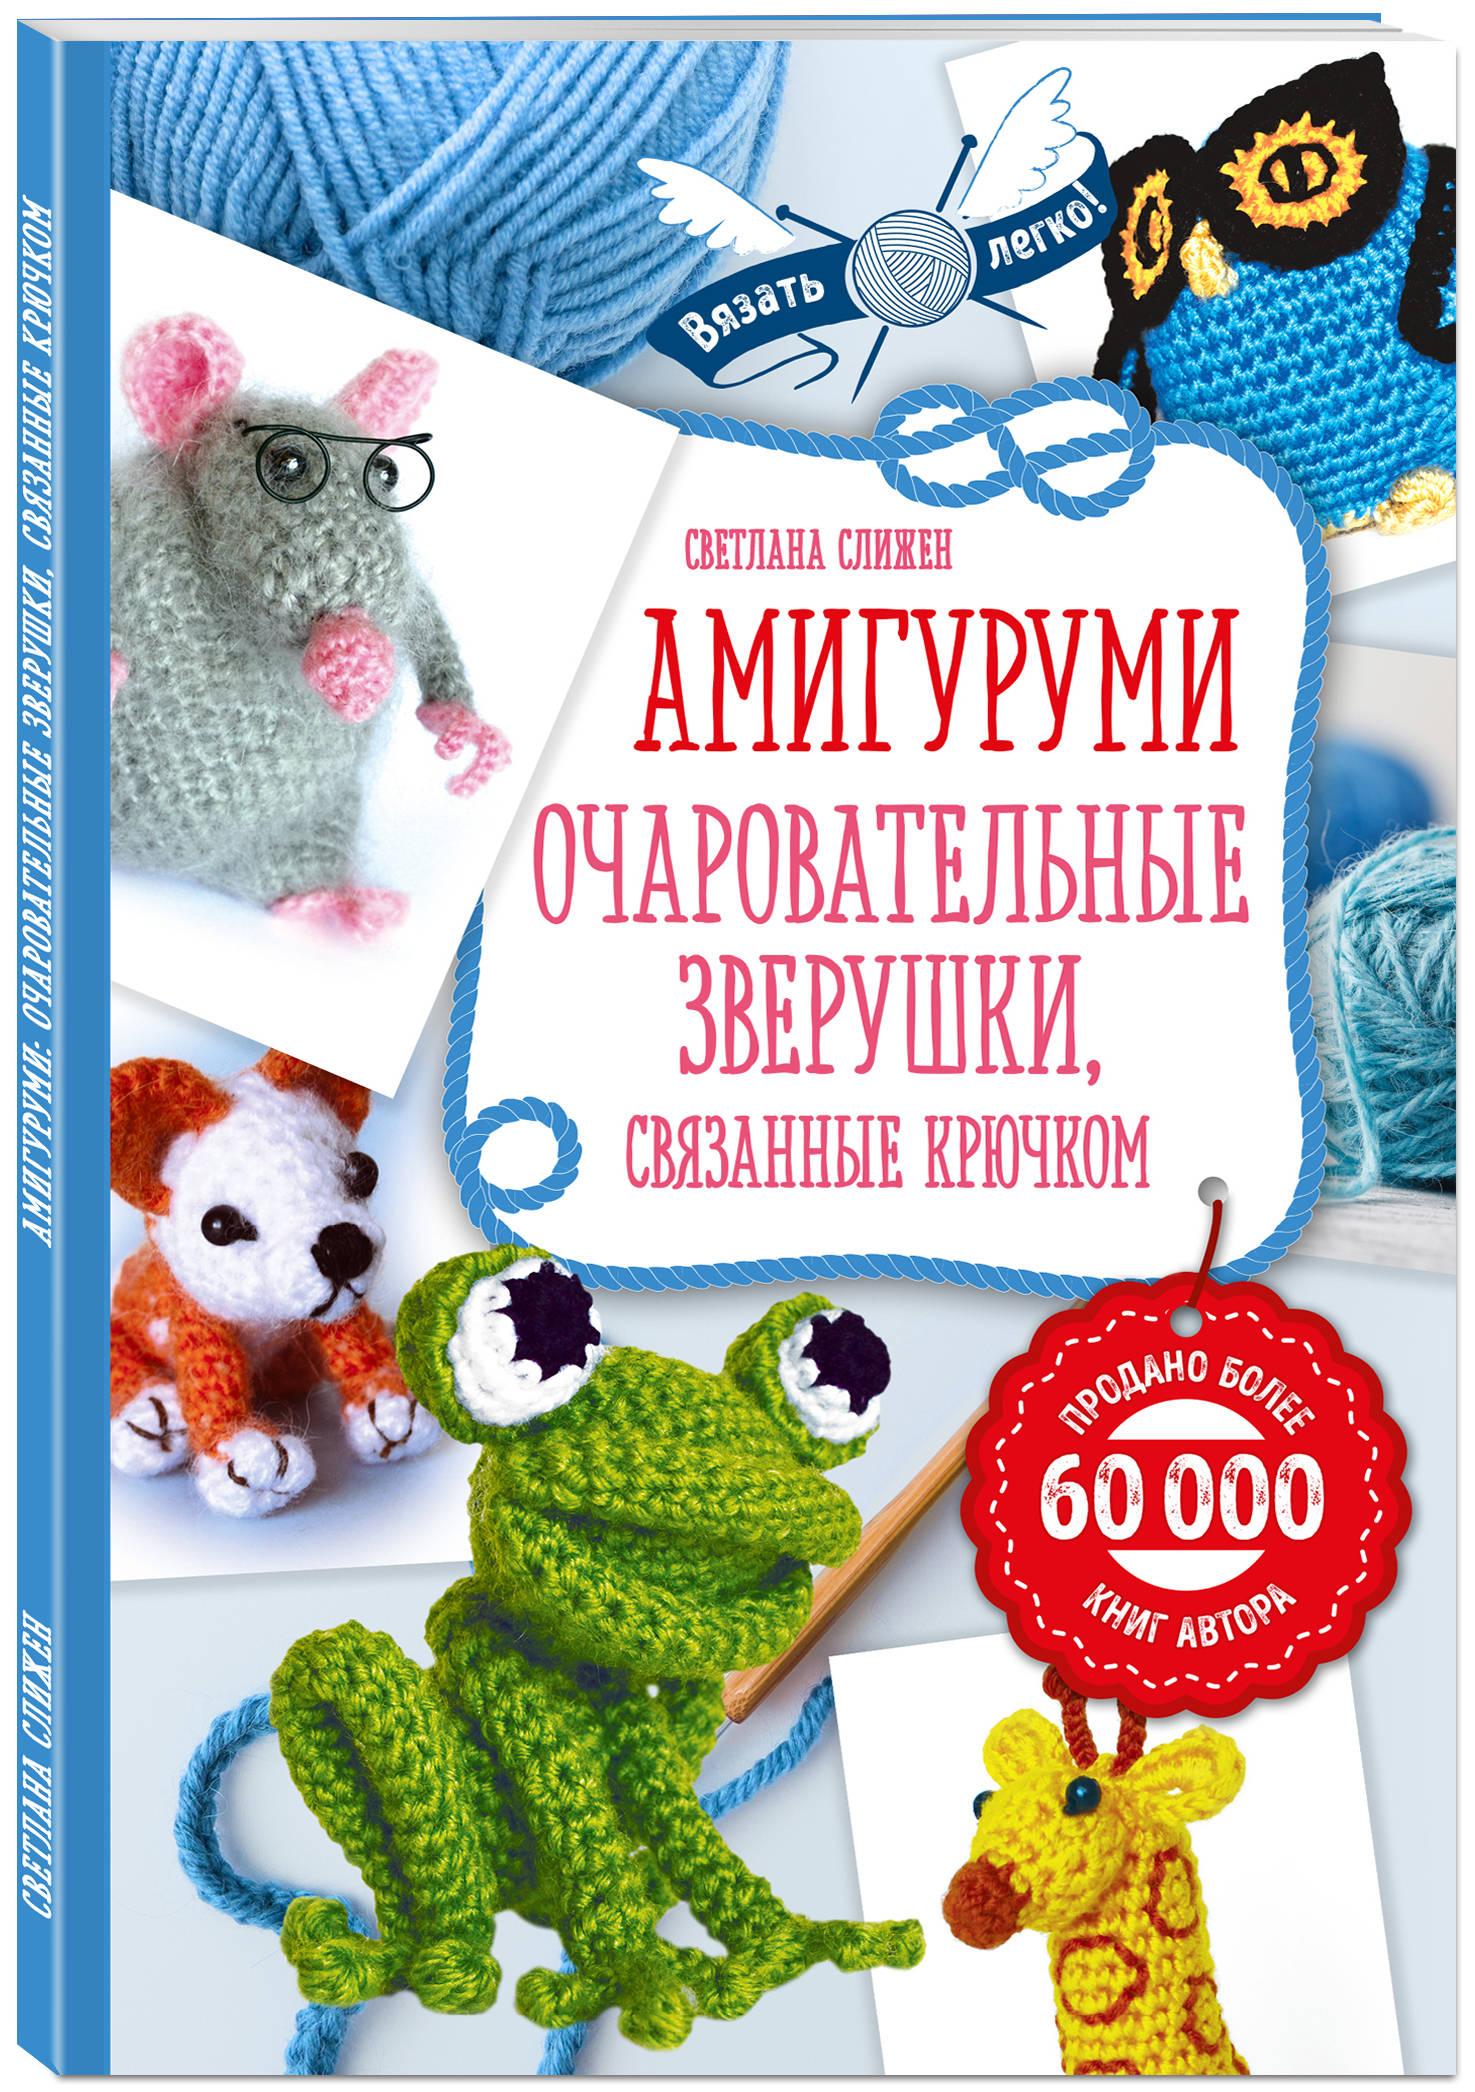 Светлана Слижен Амигуруми: очаровательные зверушки, связанные крючком цены онлайн